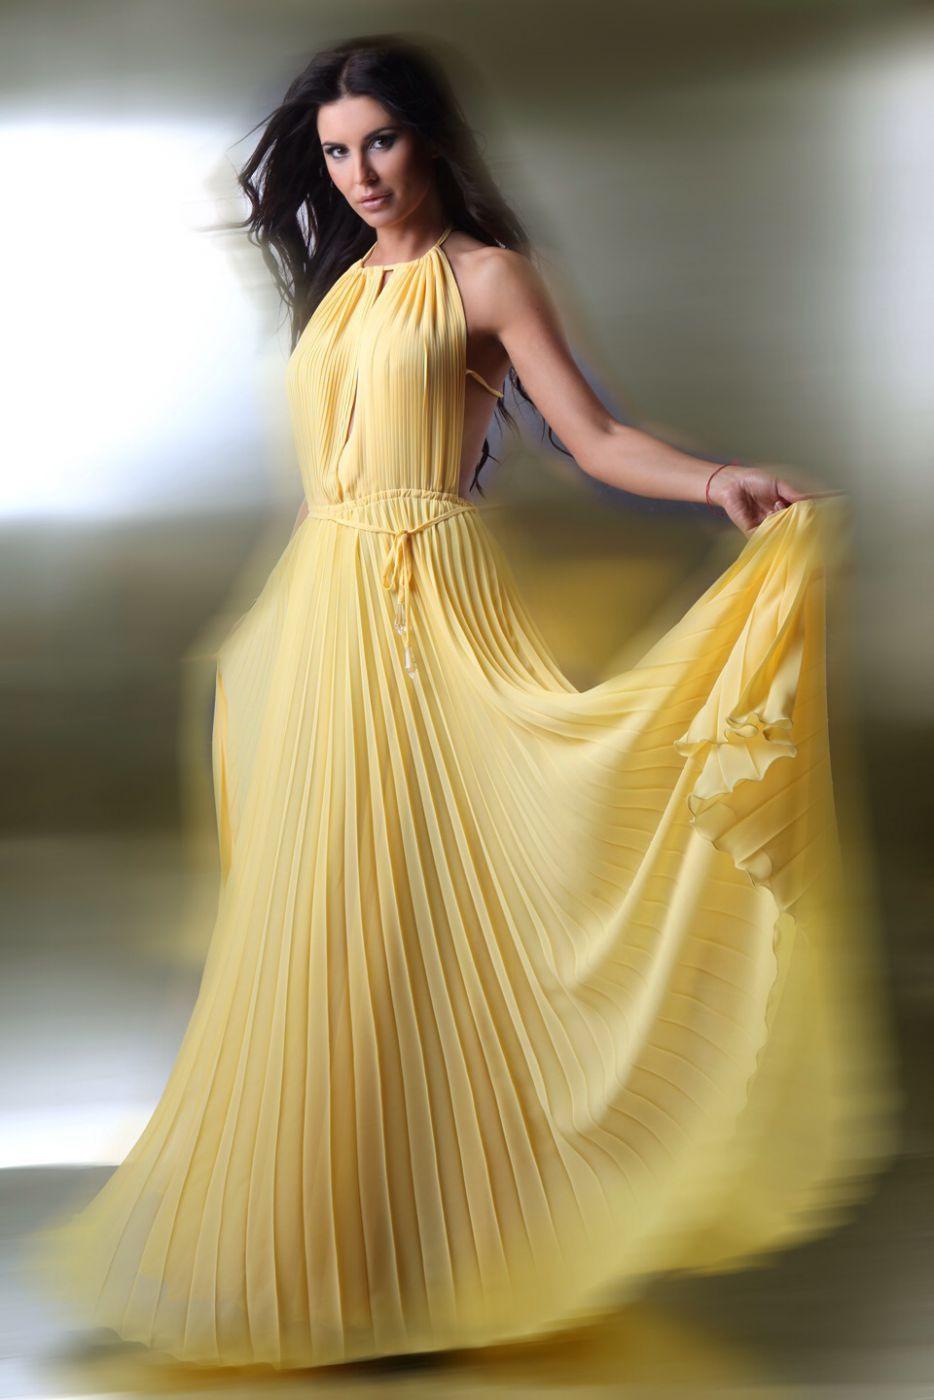 Designer Kreativ Gelbes Abendkleid DesignFormal Fantastisch Gelbes Abendkleid für 2019